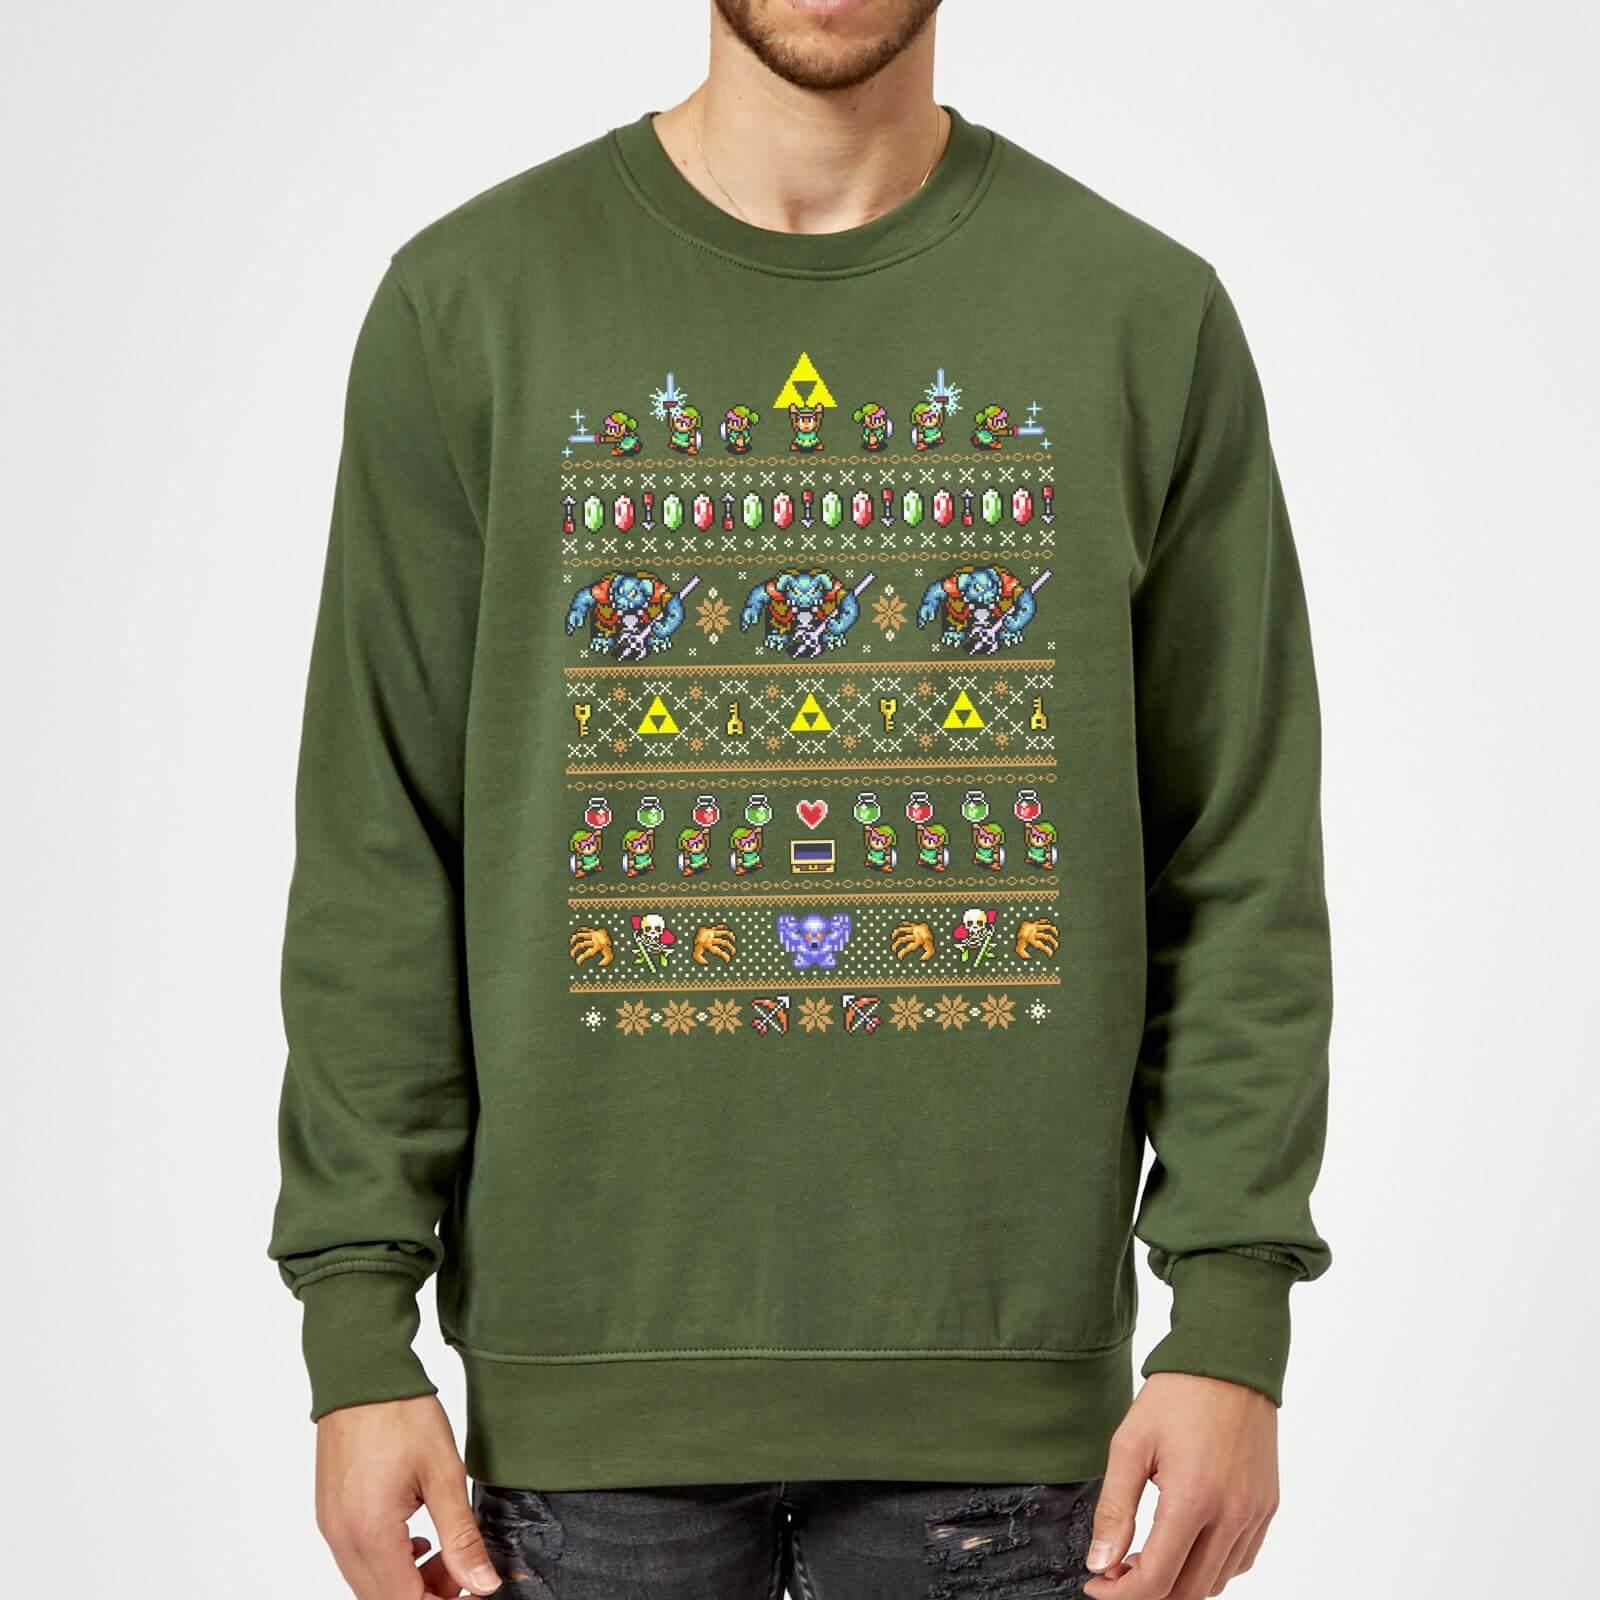 Leuke Kersttrui.Nintendo The Legend Of Zelda Kersttrui Donkergroen Zavvi Nl